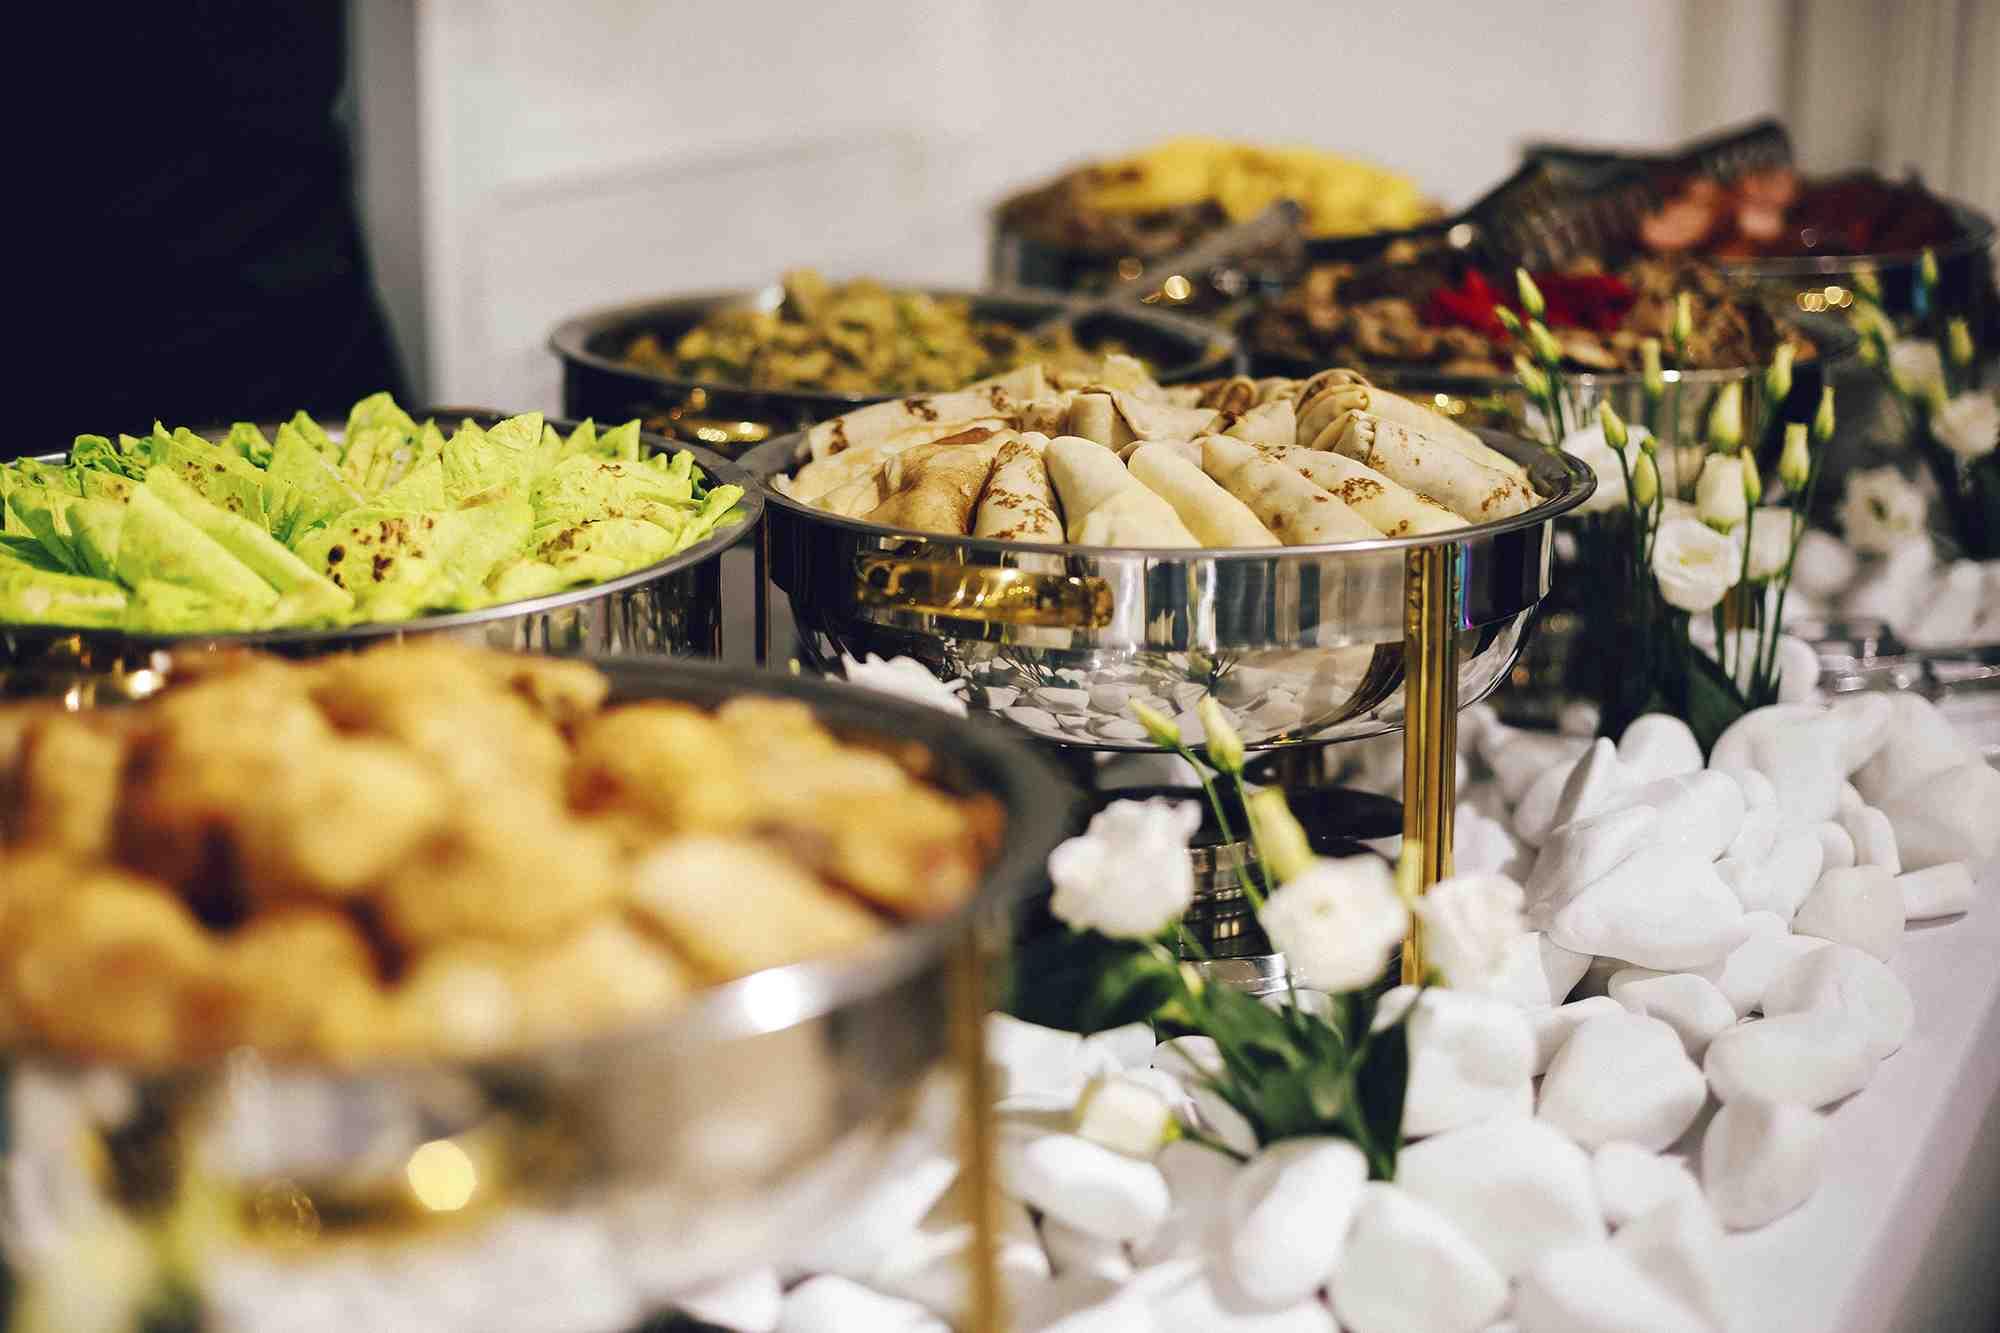 Toplu Yemek Üretim Aşçısı (Catering Aşçısı)